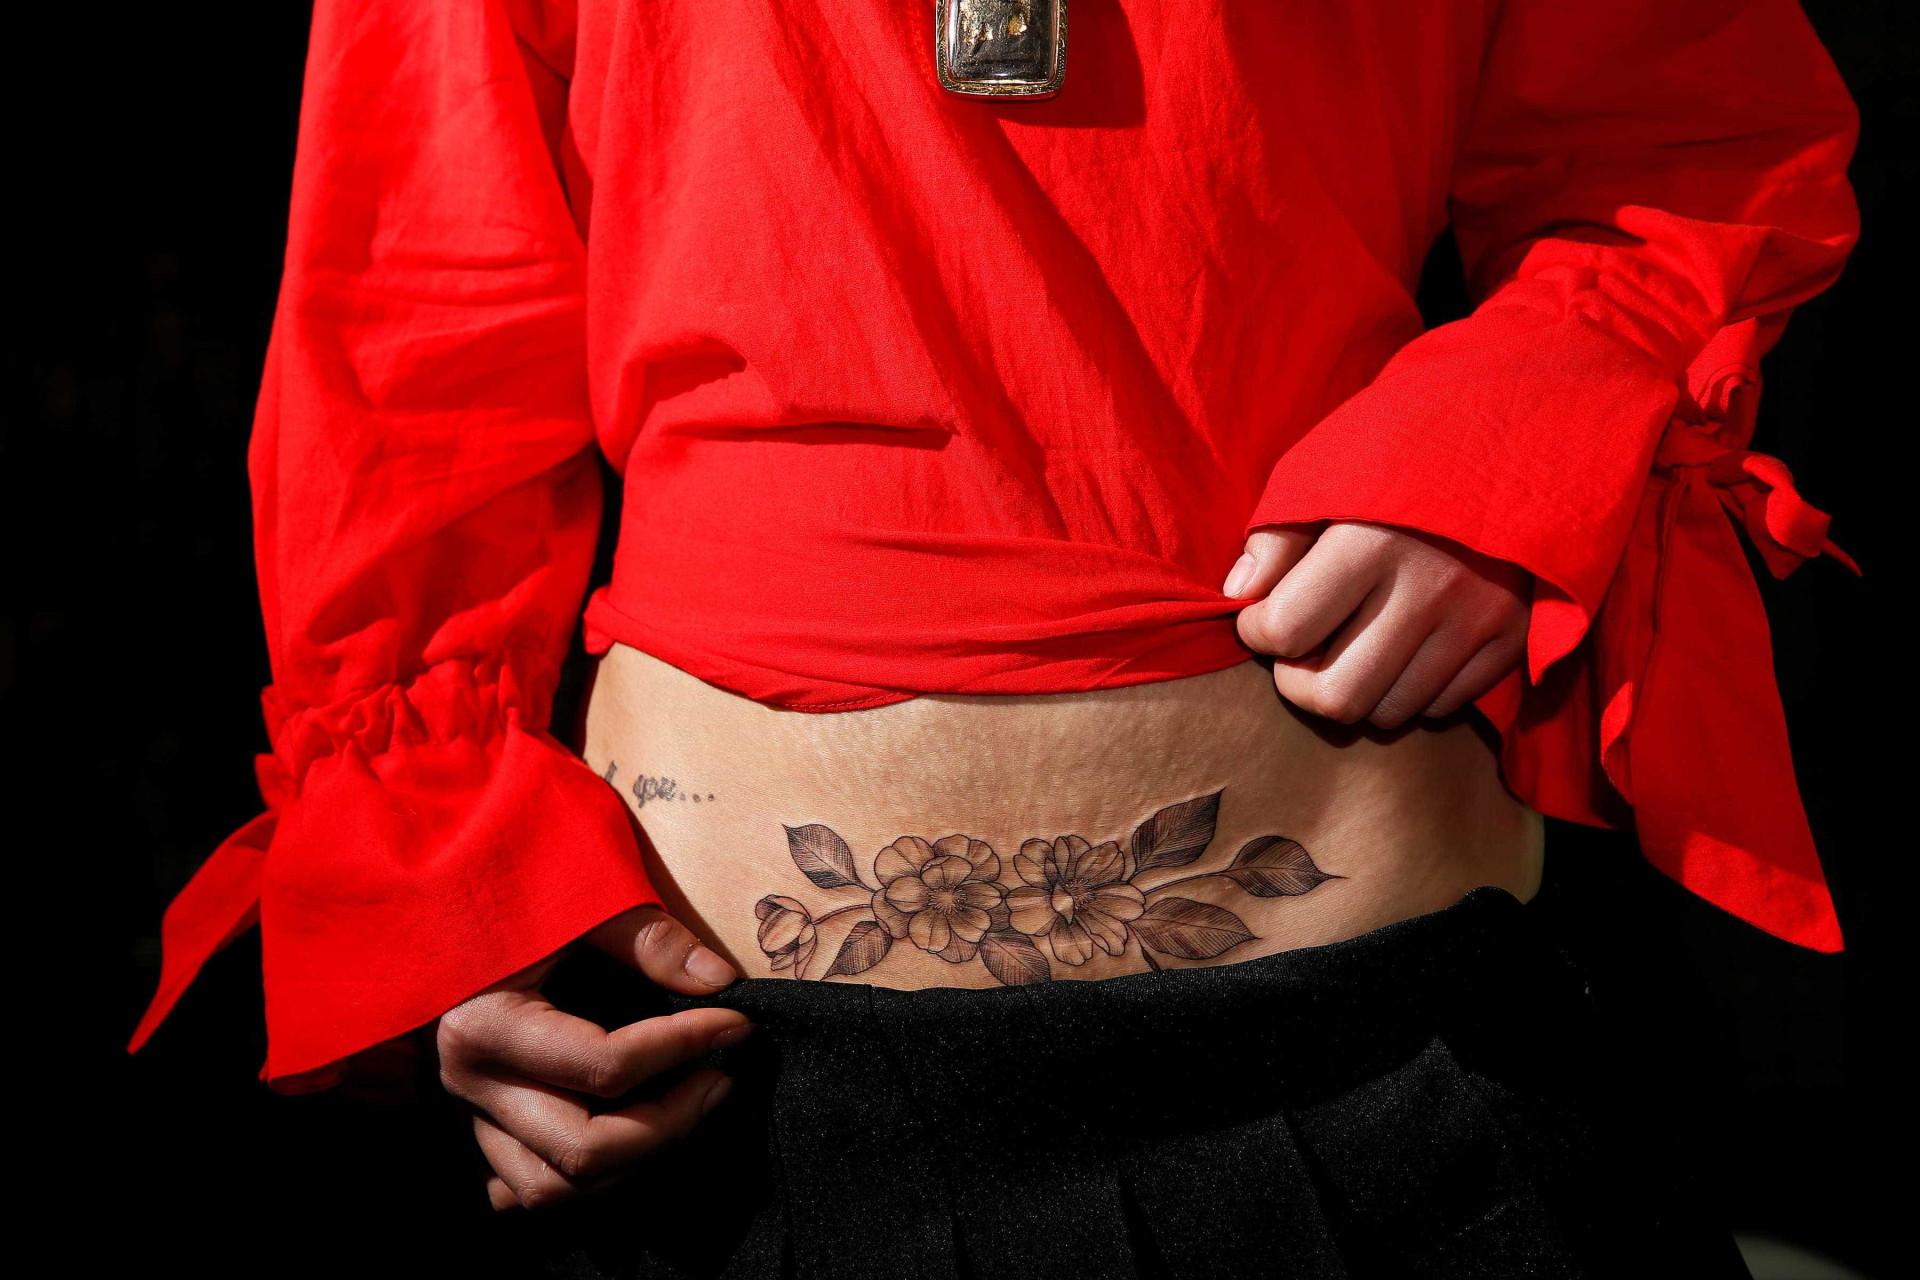 Tatuar a cicatriz da cesariana, uma nova moda